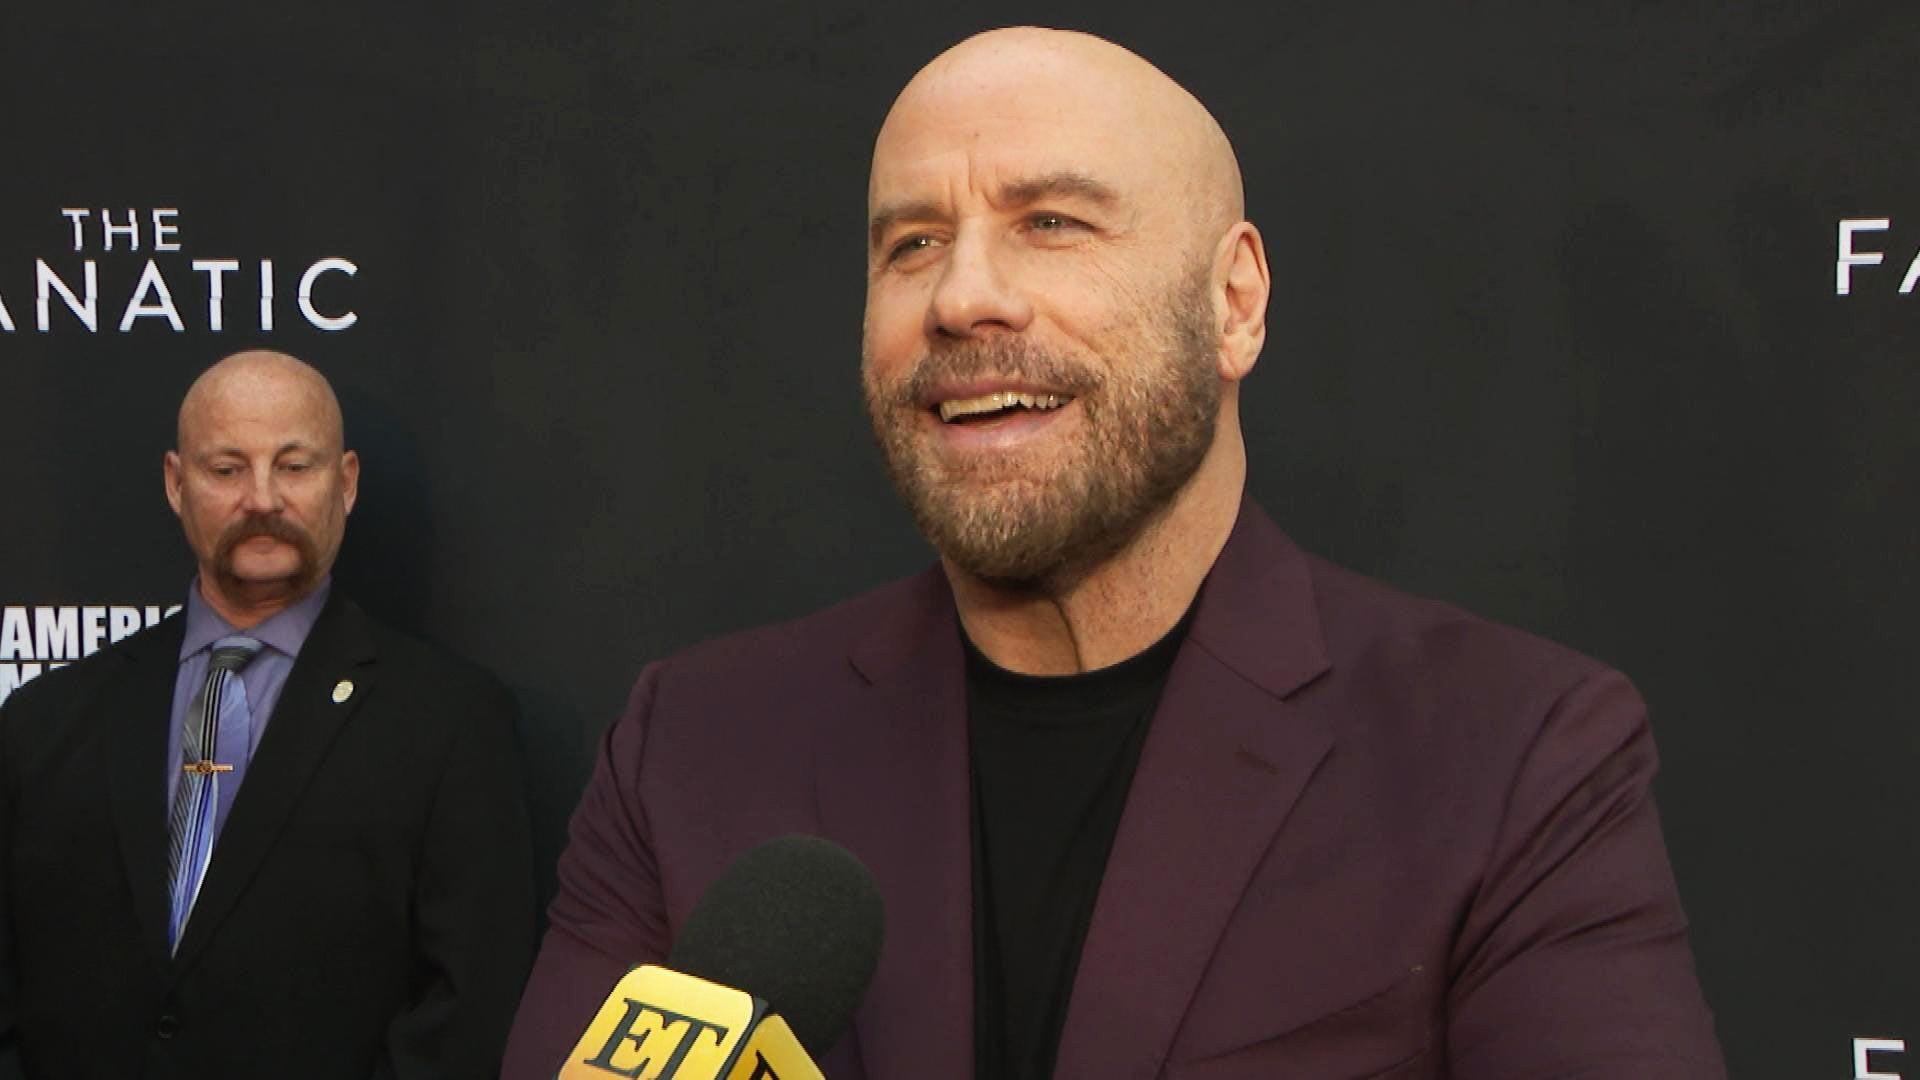 John Travolta Praises Olivia Newton John Amid Cancer Battle